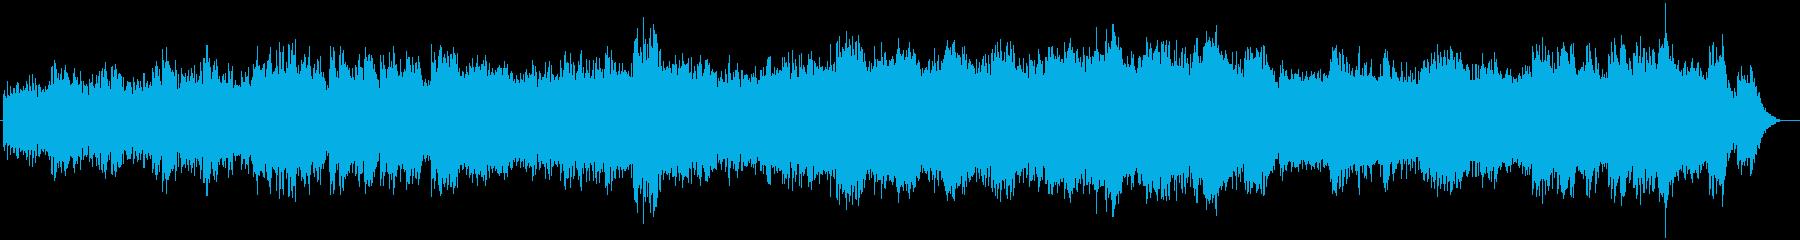 優しく透き通るシンセサイザーサウンドの再生済みの波形